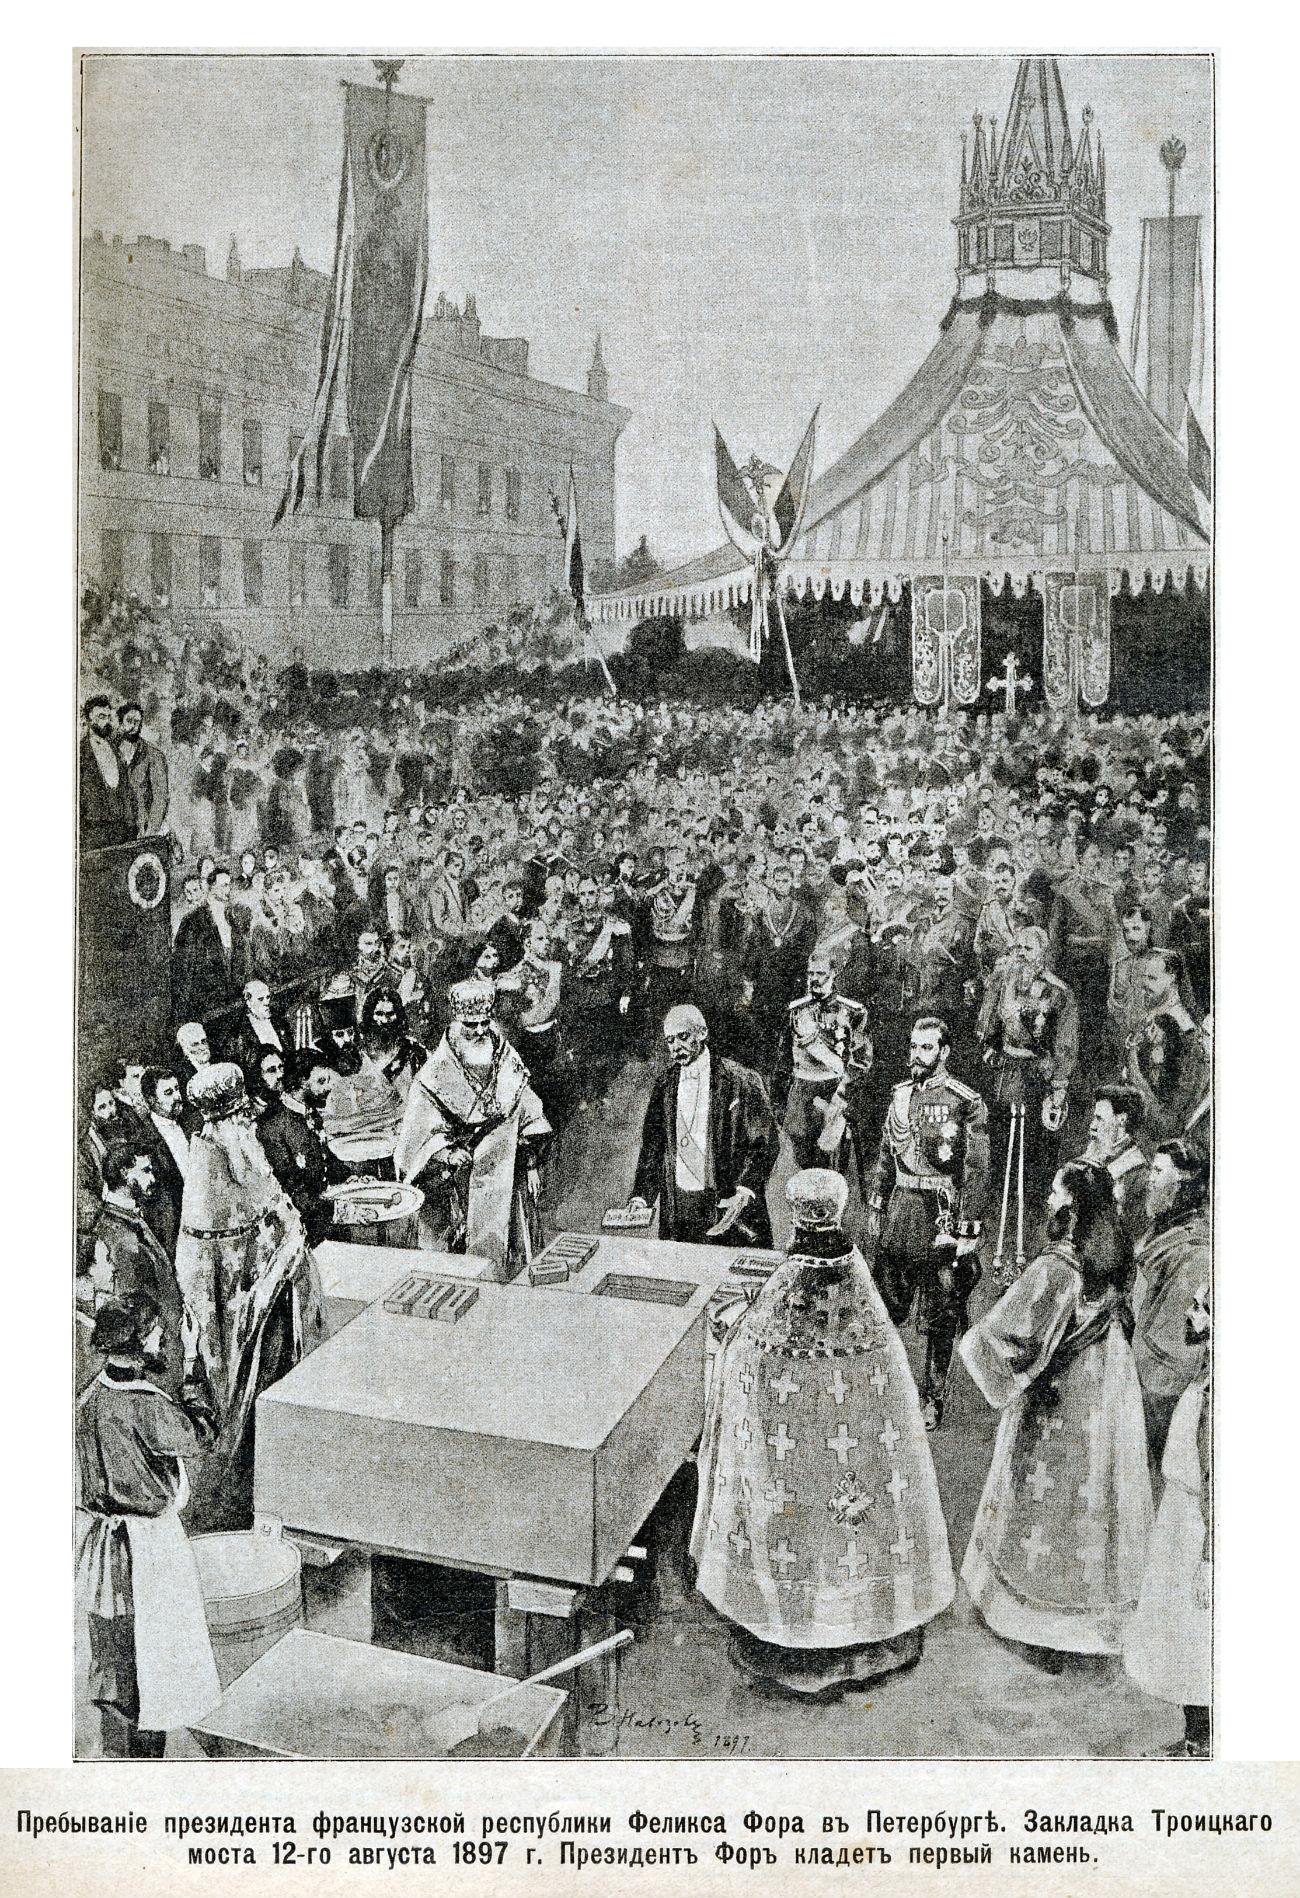 Француски председник Феликс Фор полаже први камен за изградњу моста 12. августа 1897. године. Извор: Domaine public